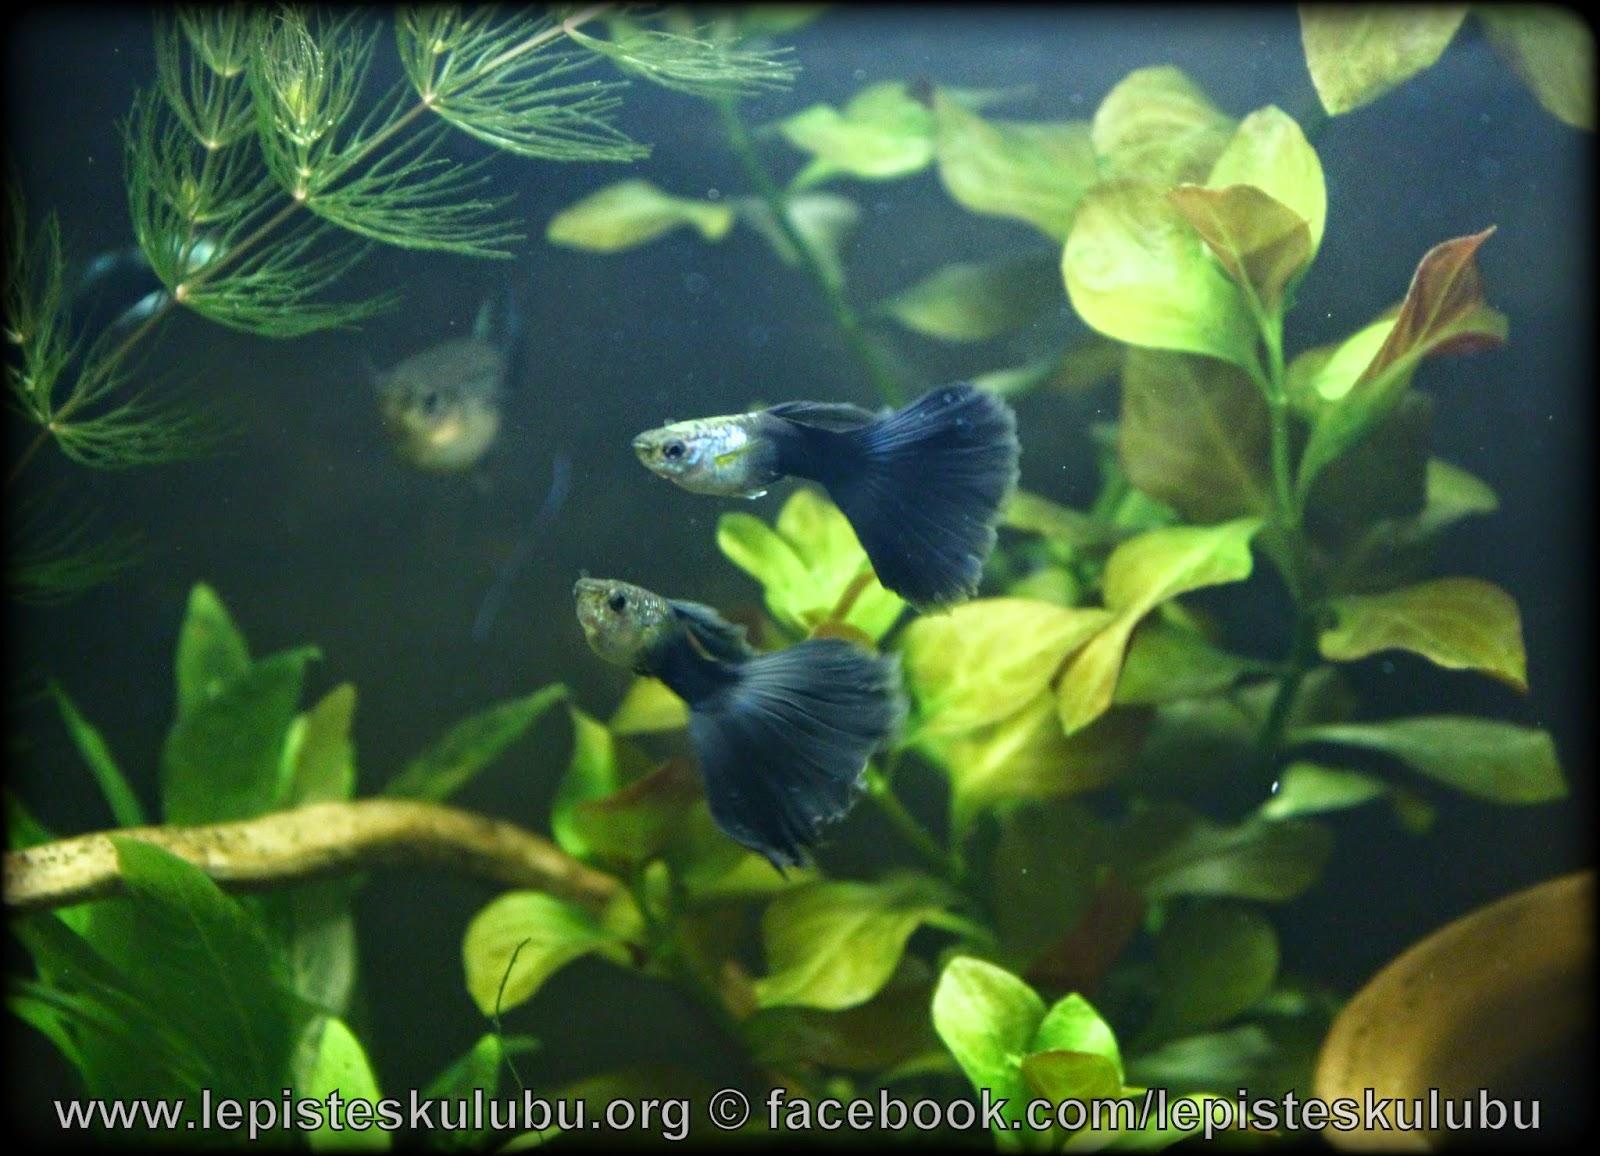 http://1.bp.blogspot.com/-LDoFRyWwamE/VVJg2LplcbI/AAAAAAAAFkM/CH401S83_dA/s1600/IMG_4794.JPG